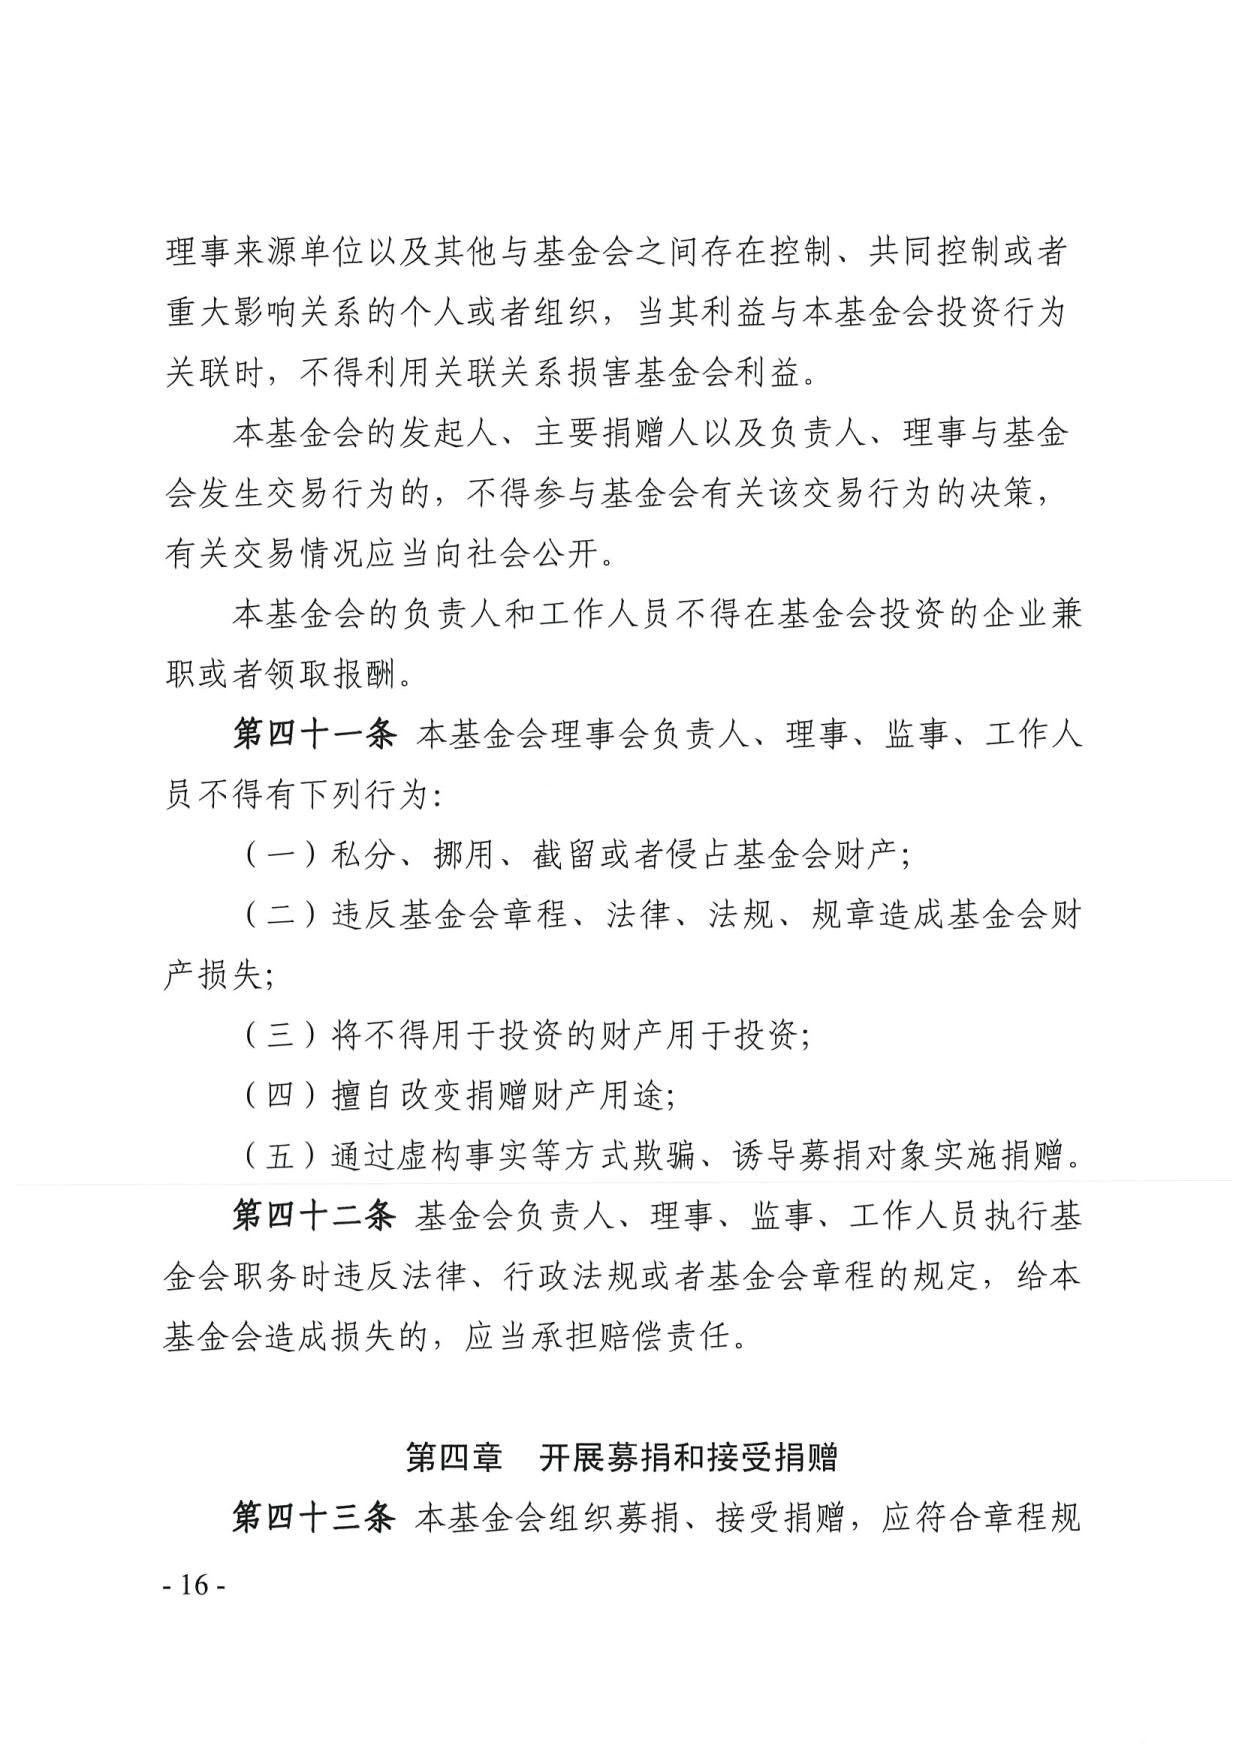 广东省民政厅关于印发《广东省基金会章程示范文本》的通知(4)_16.jpg